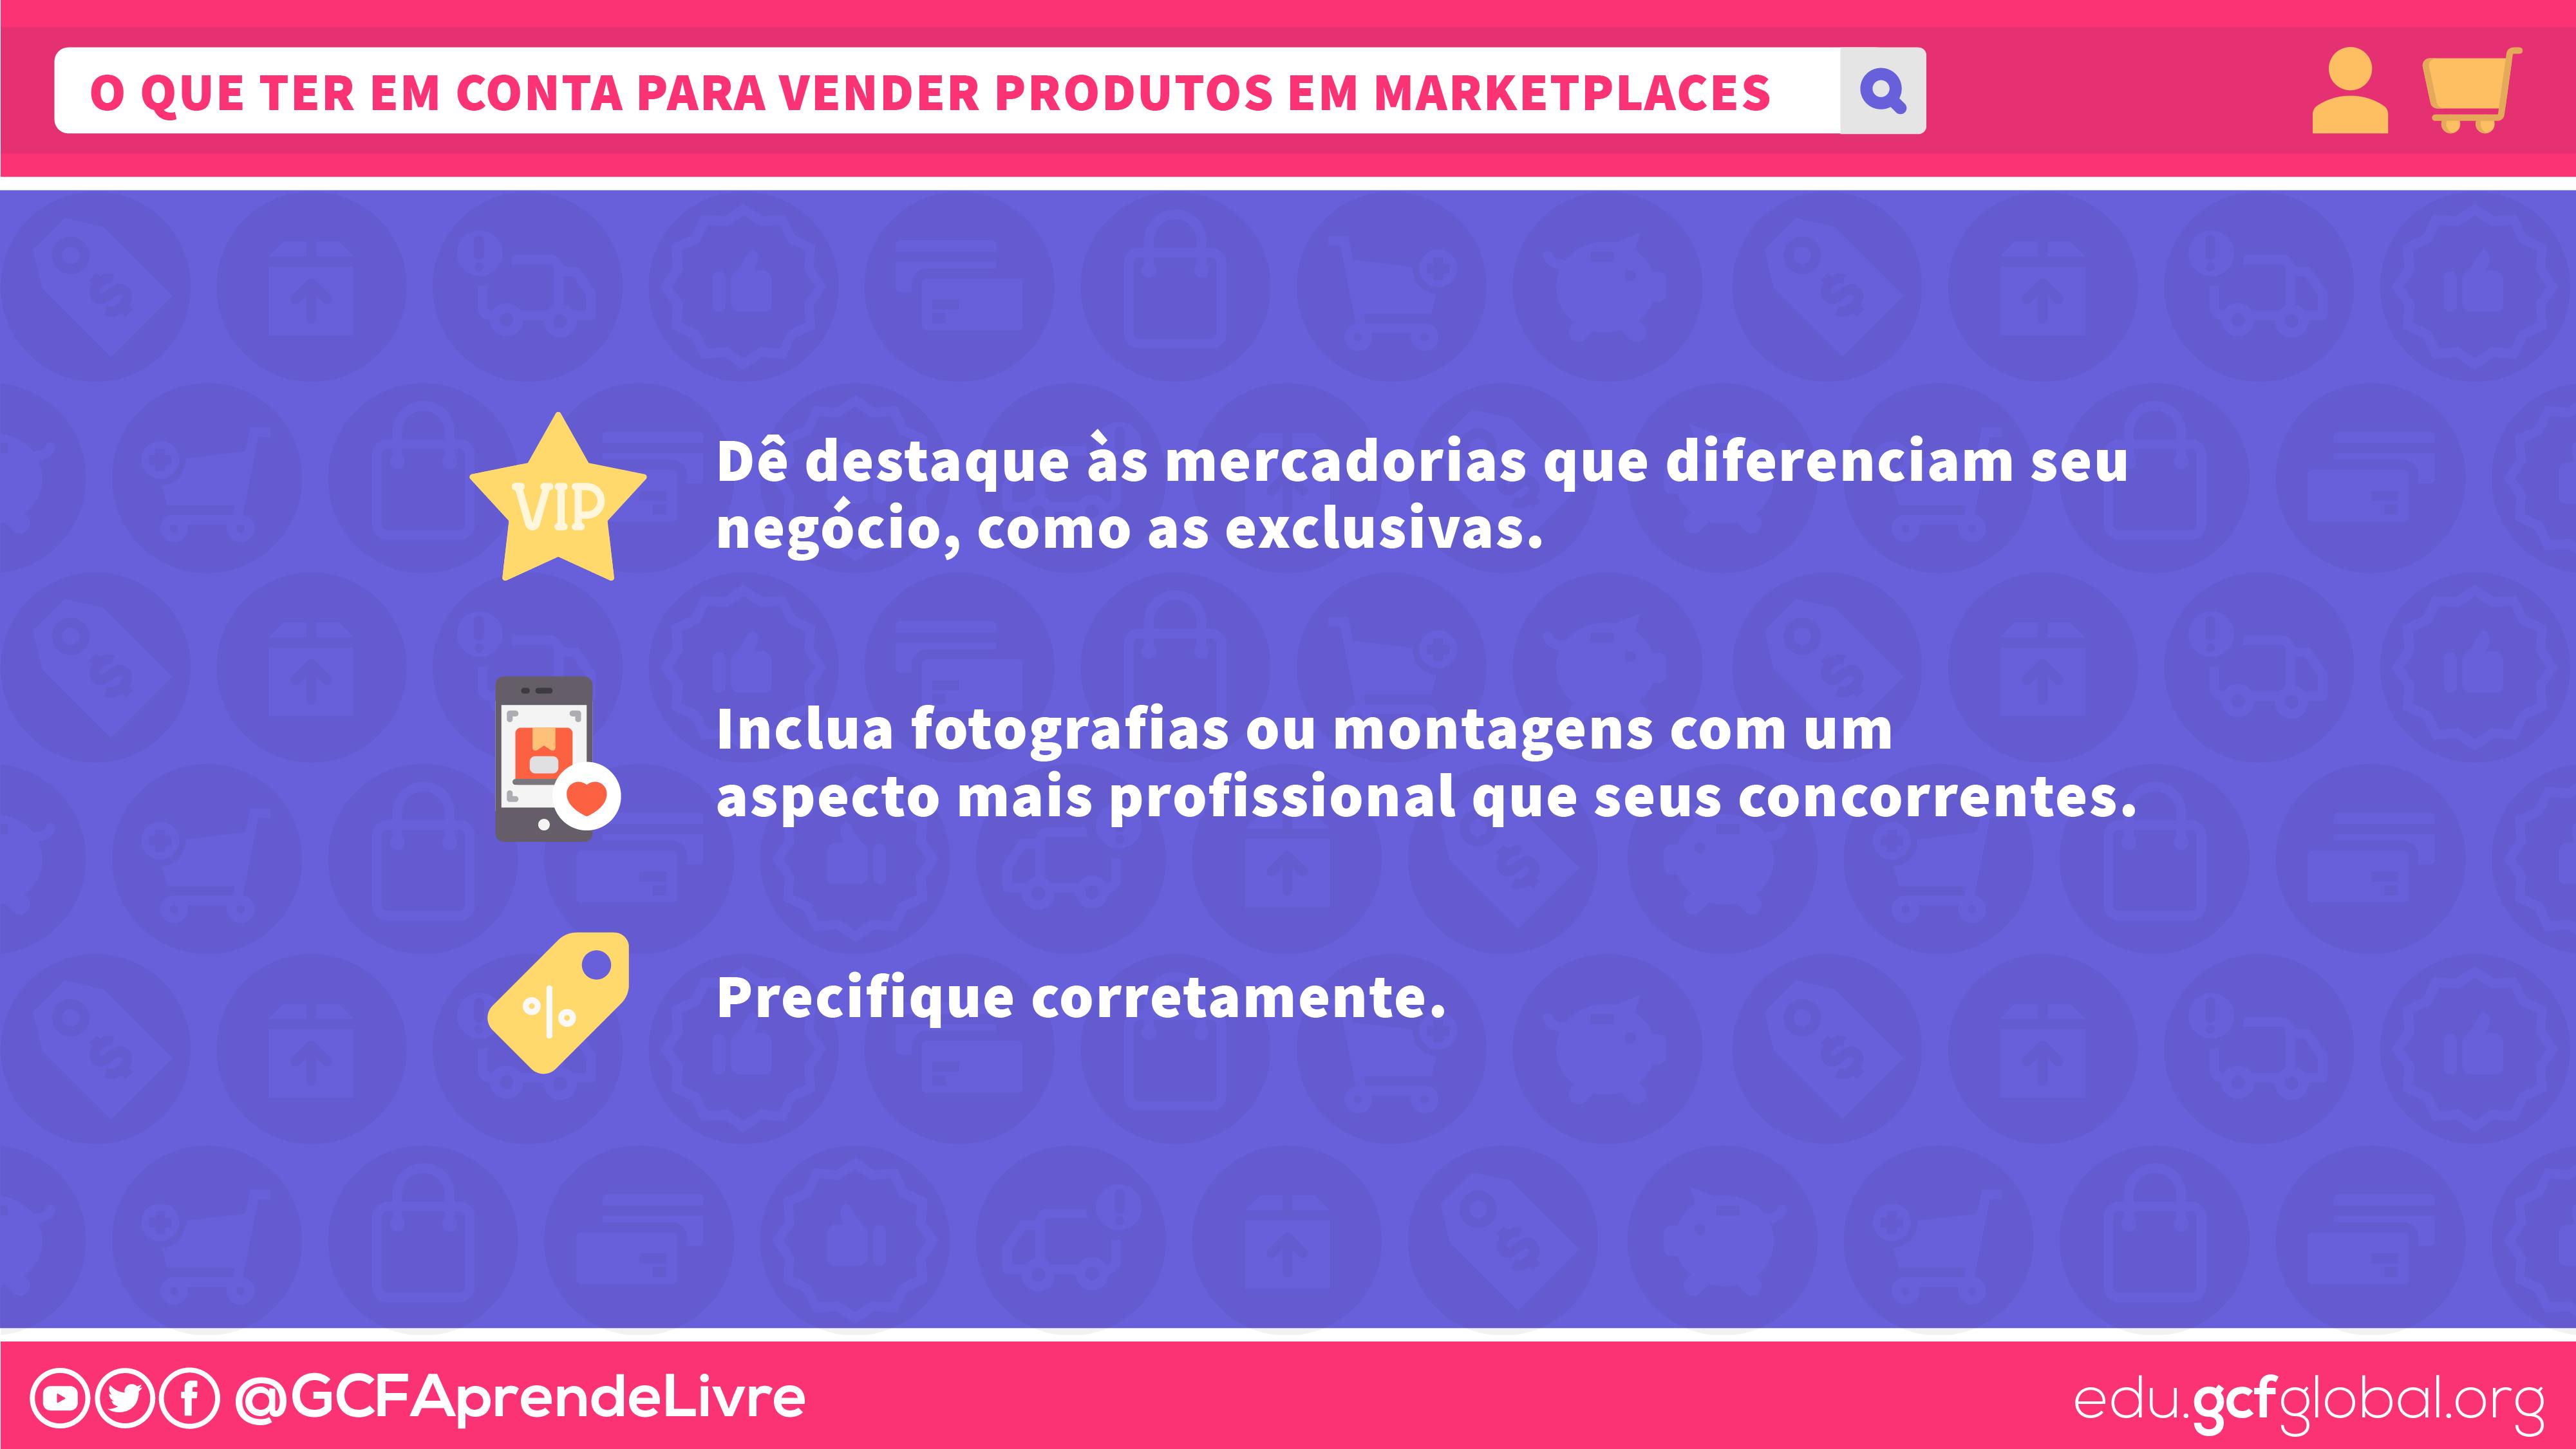 o que ter em conta para vender produtos em marketplaces